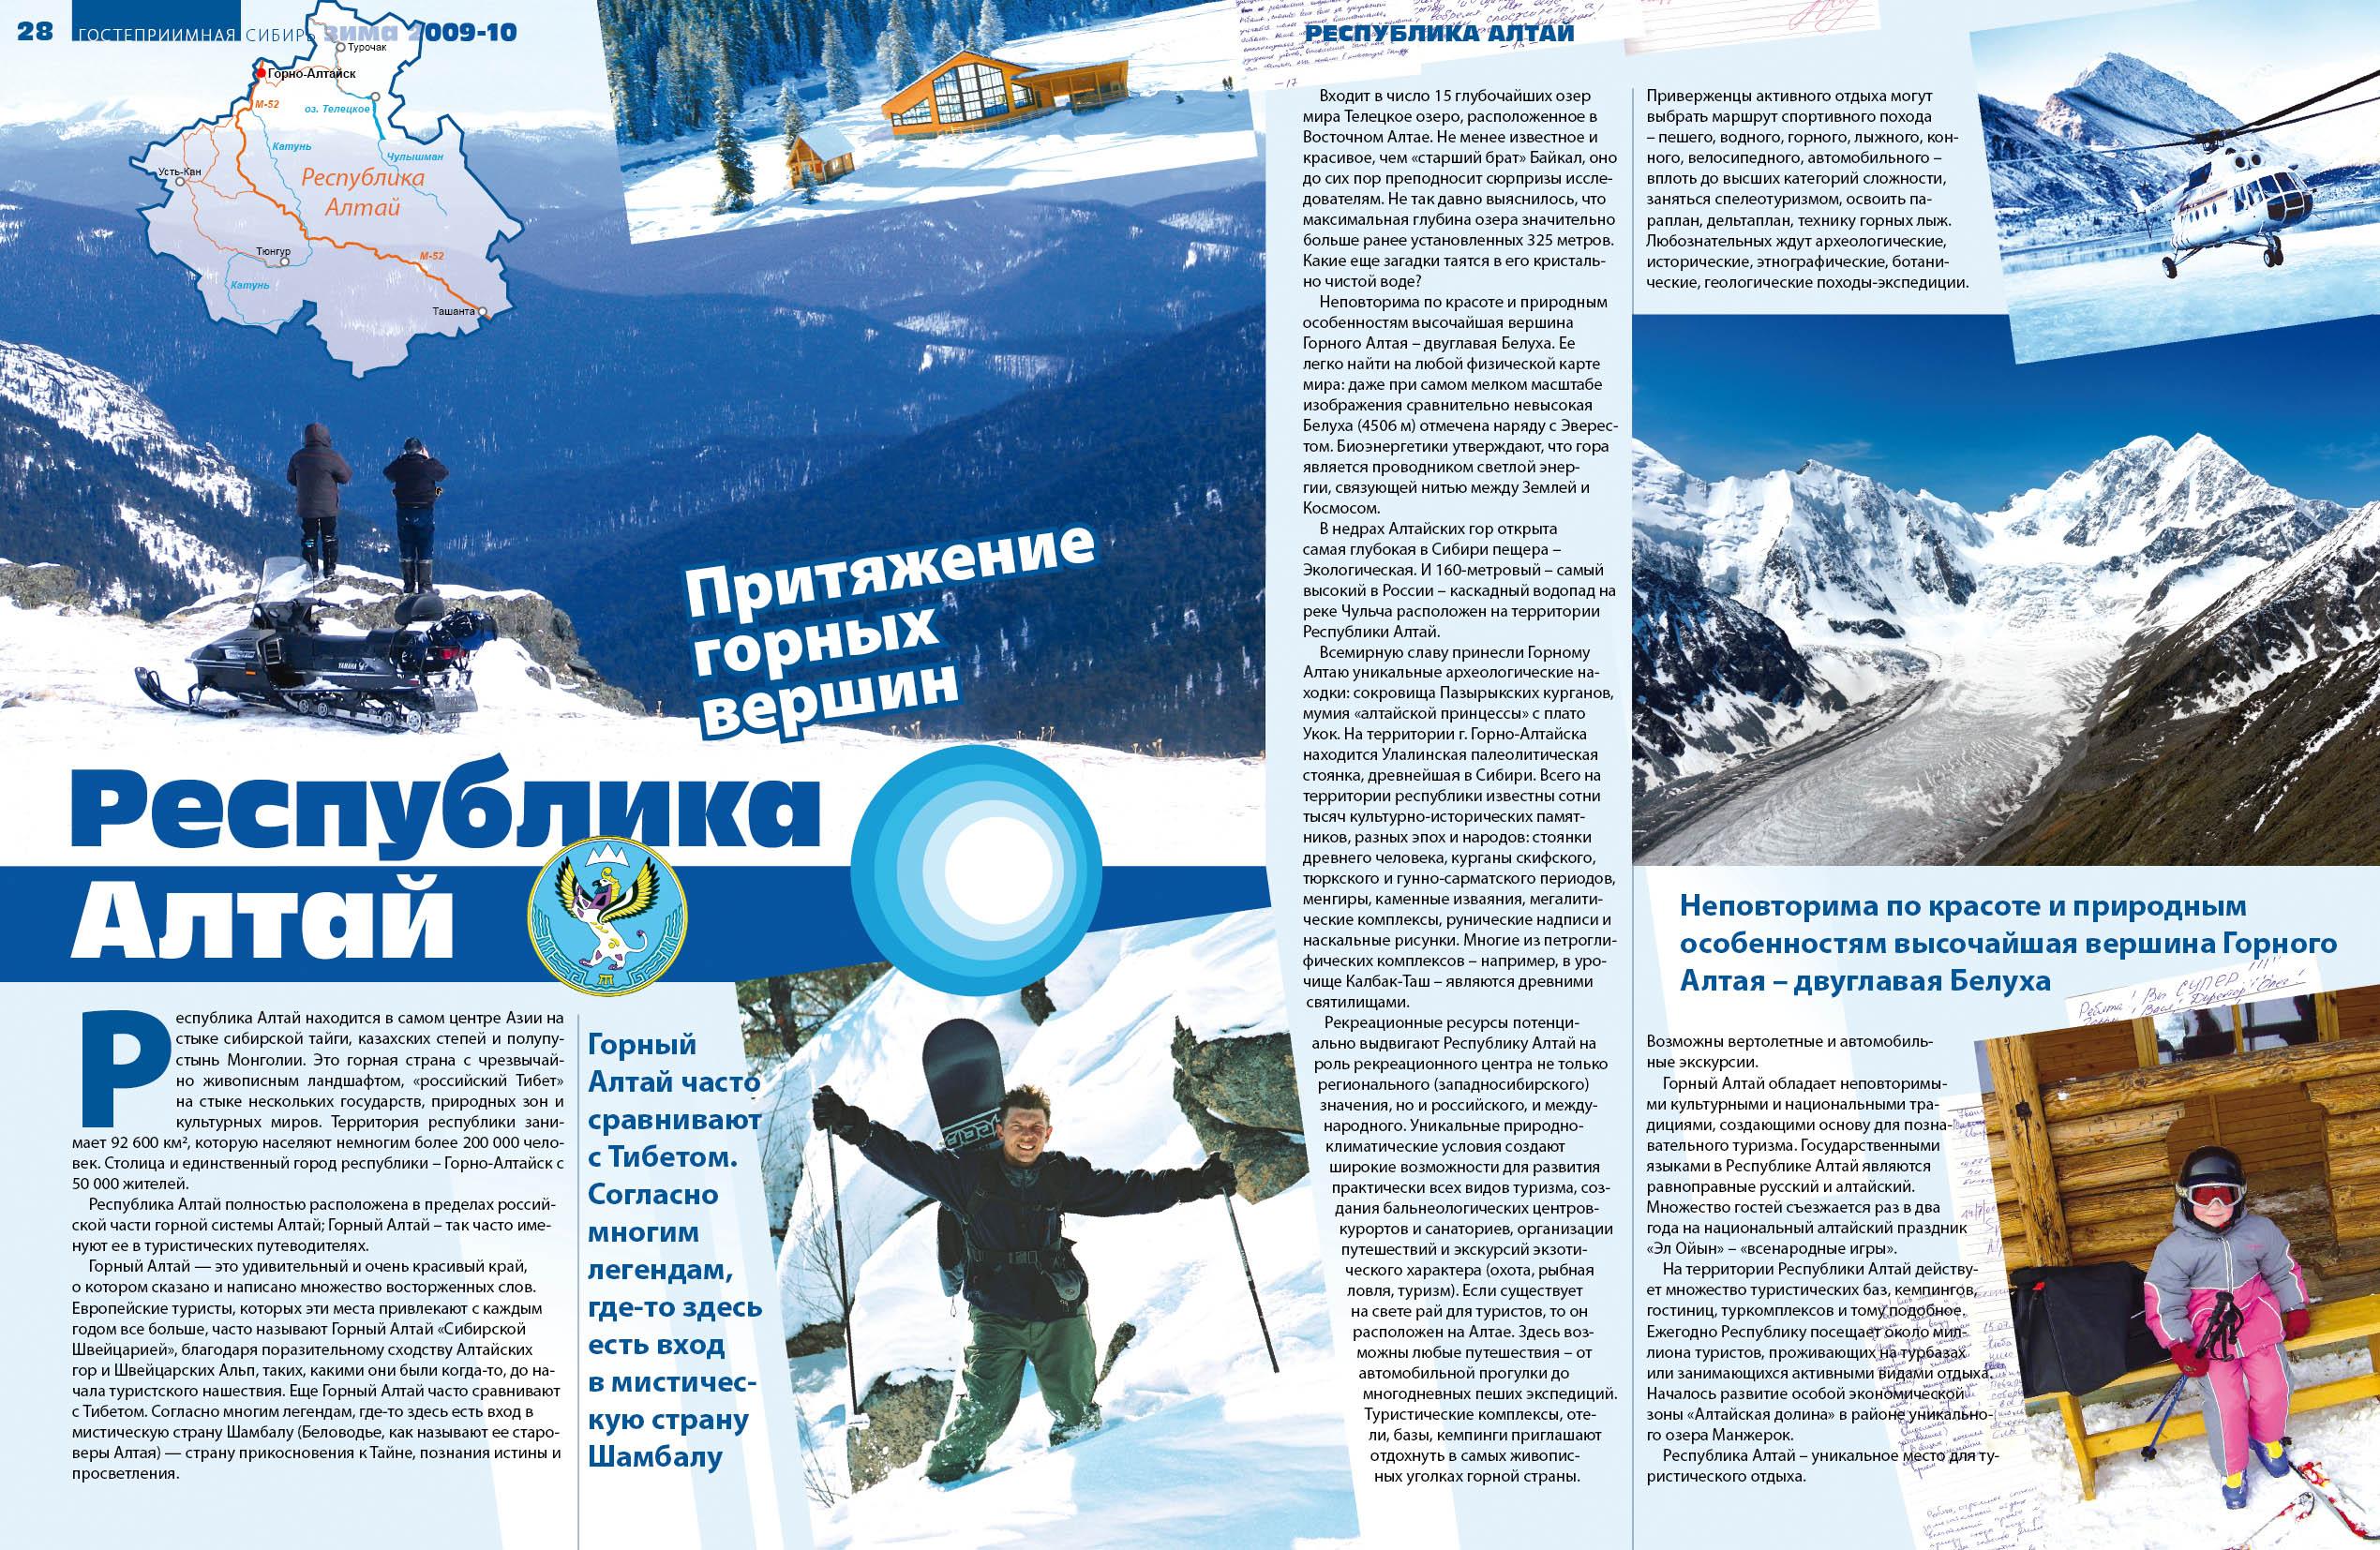 Республика Алтай - Притяжение горных вершин